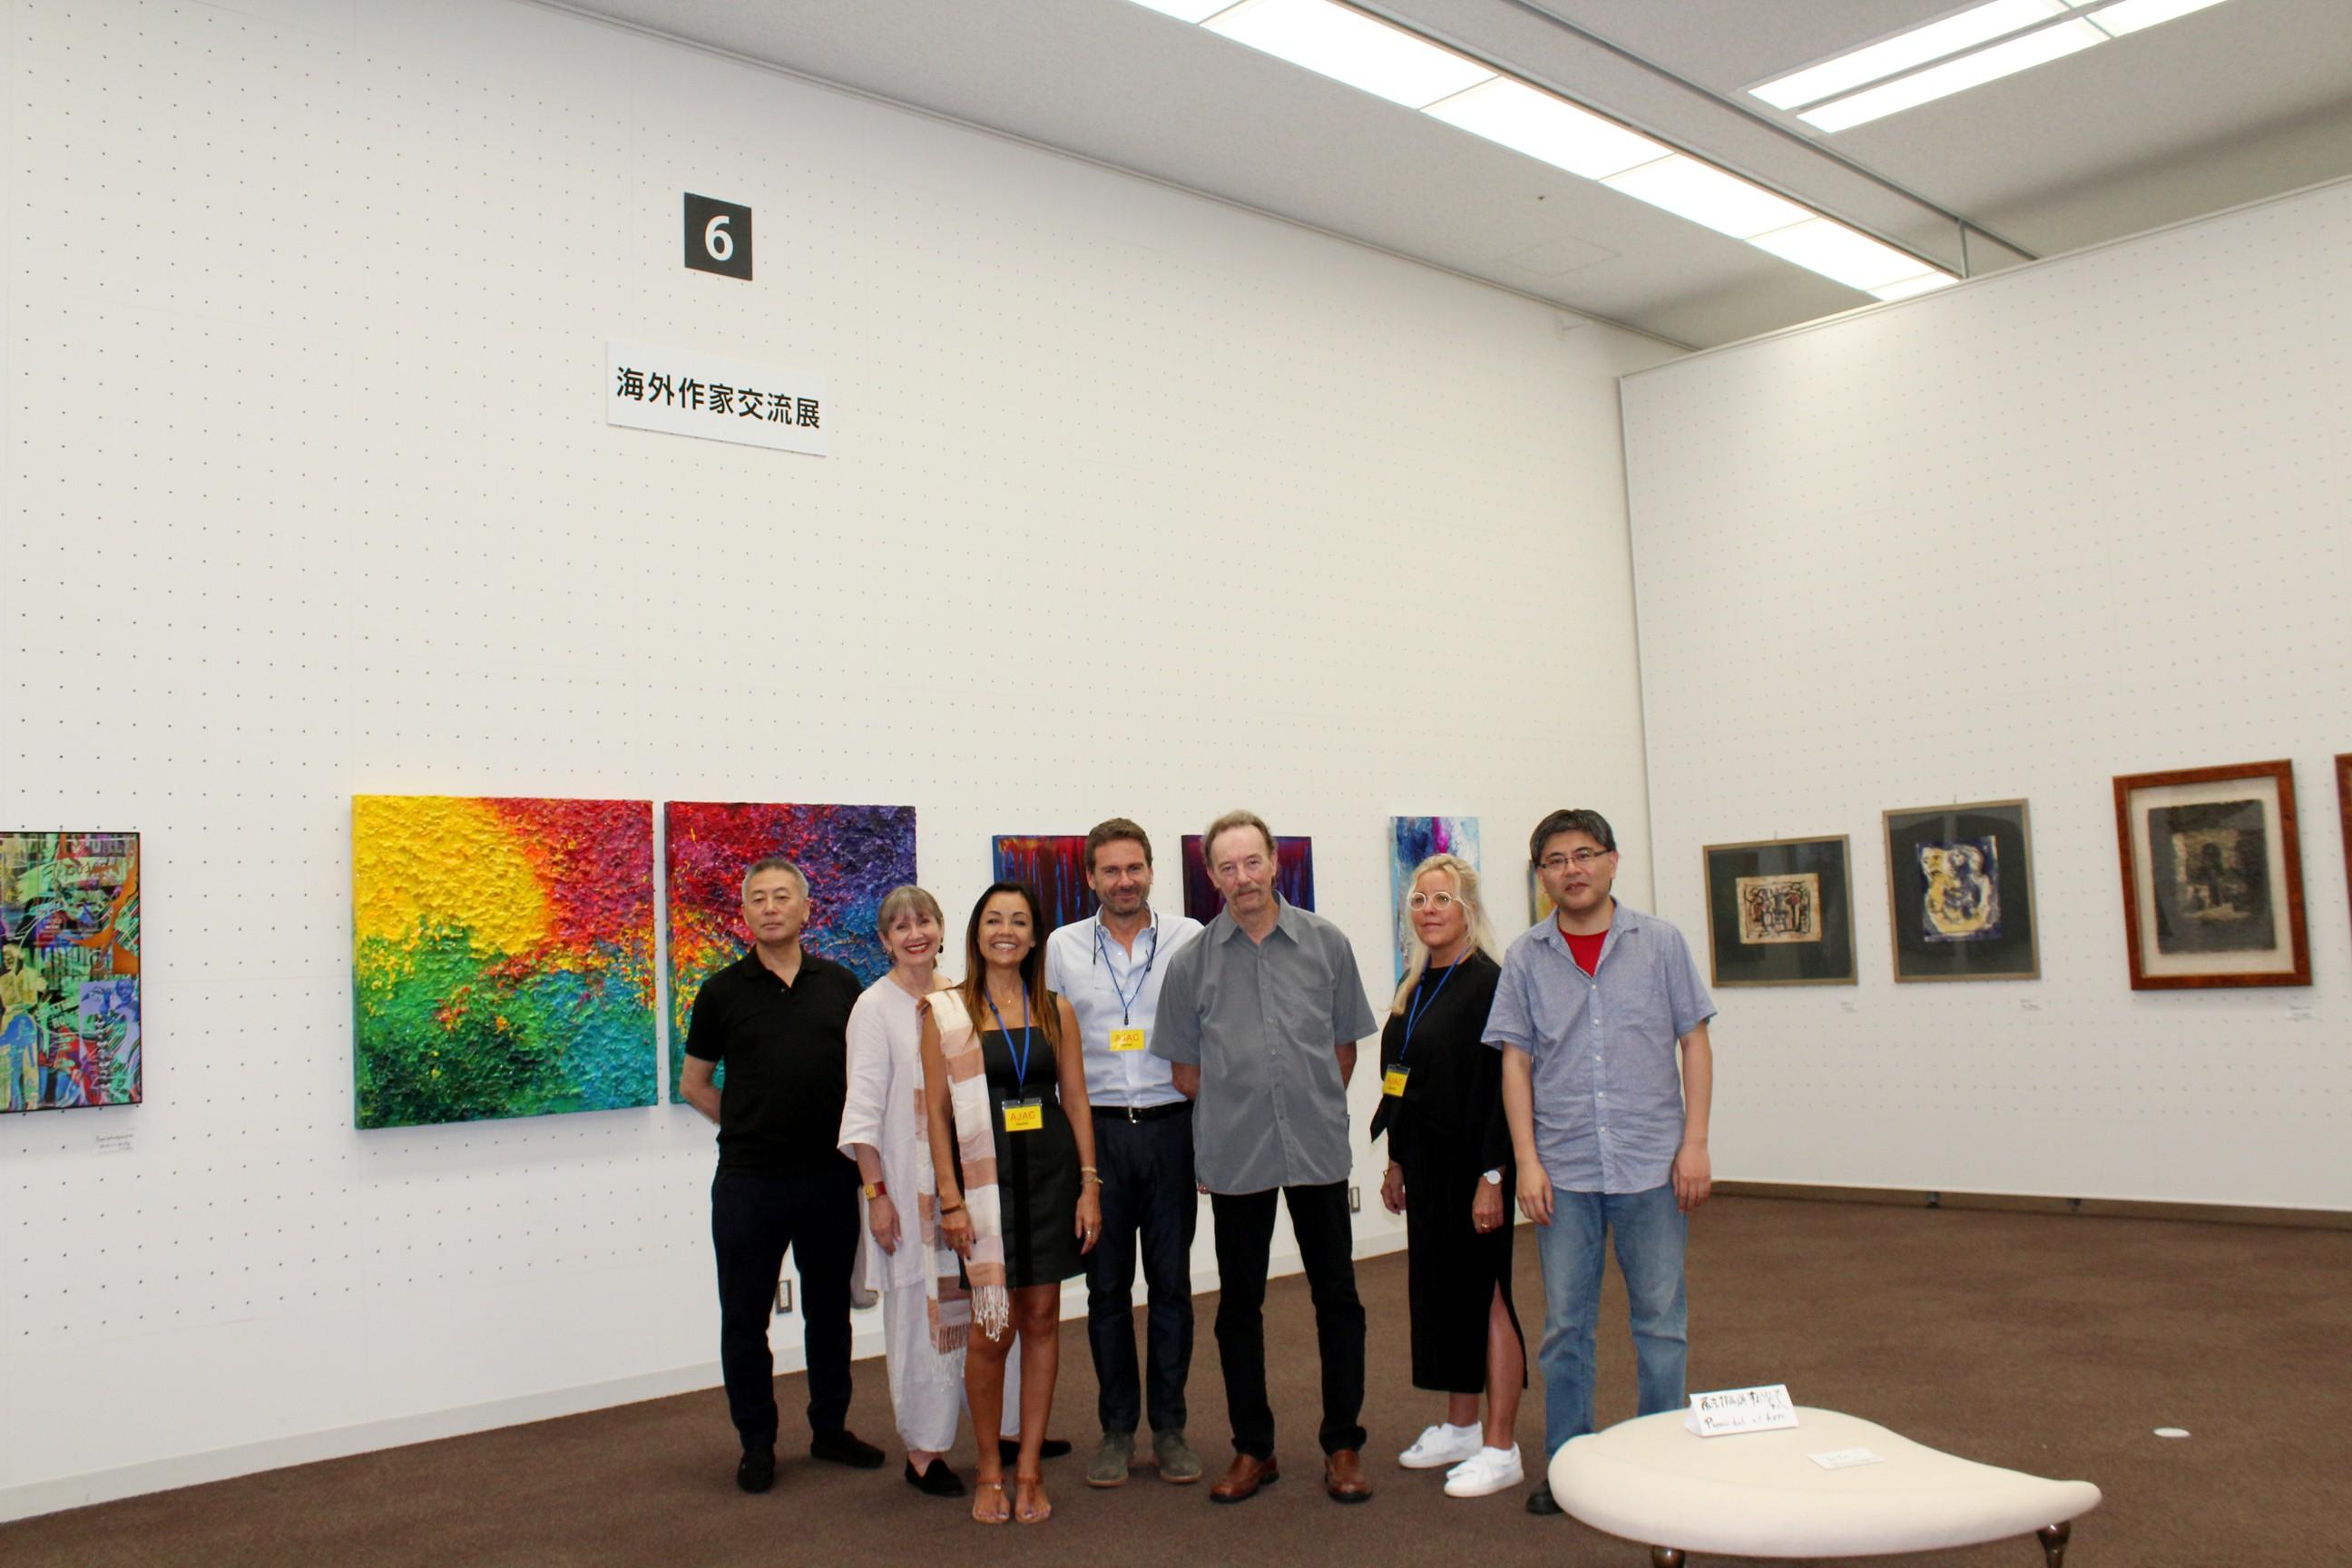 tokyo-metropolitan-art-museum-6